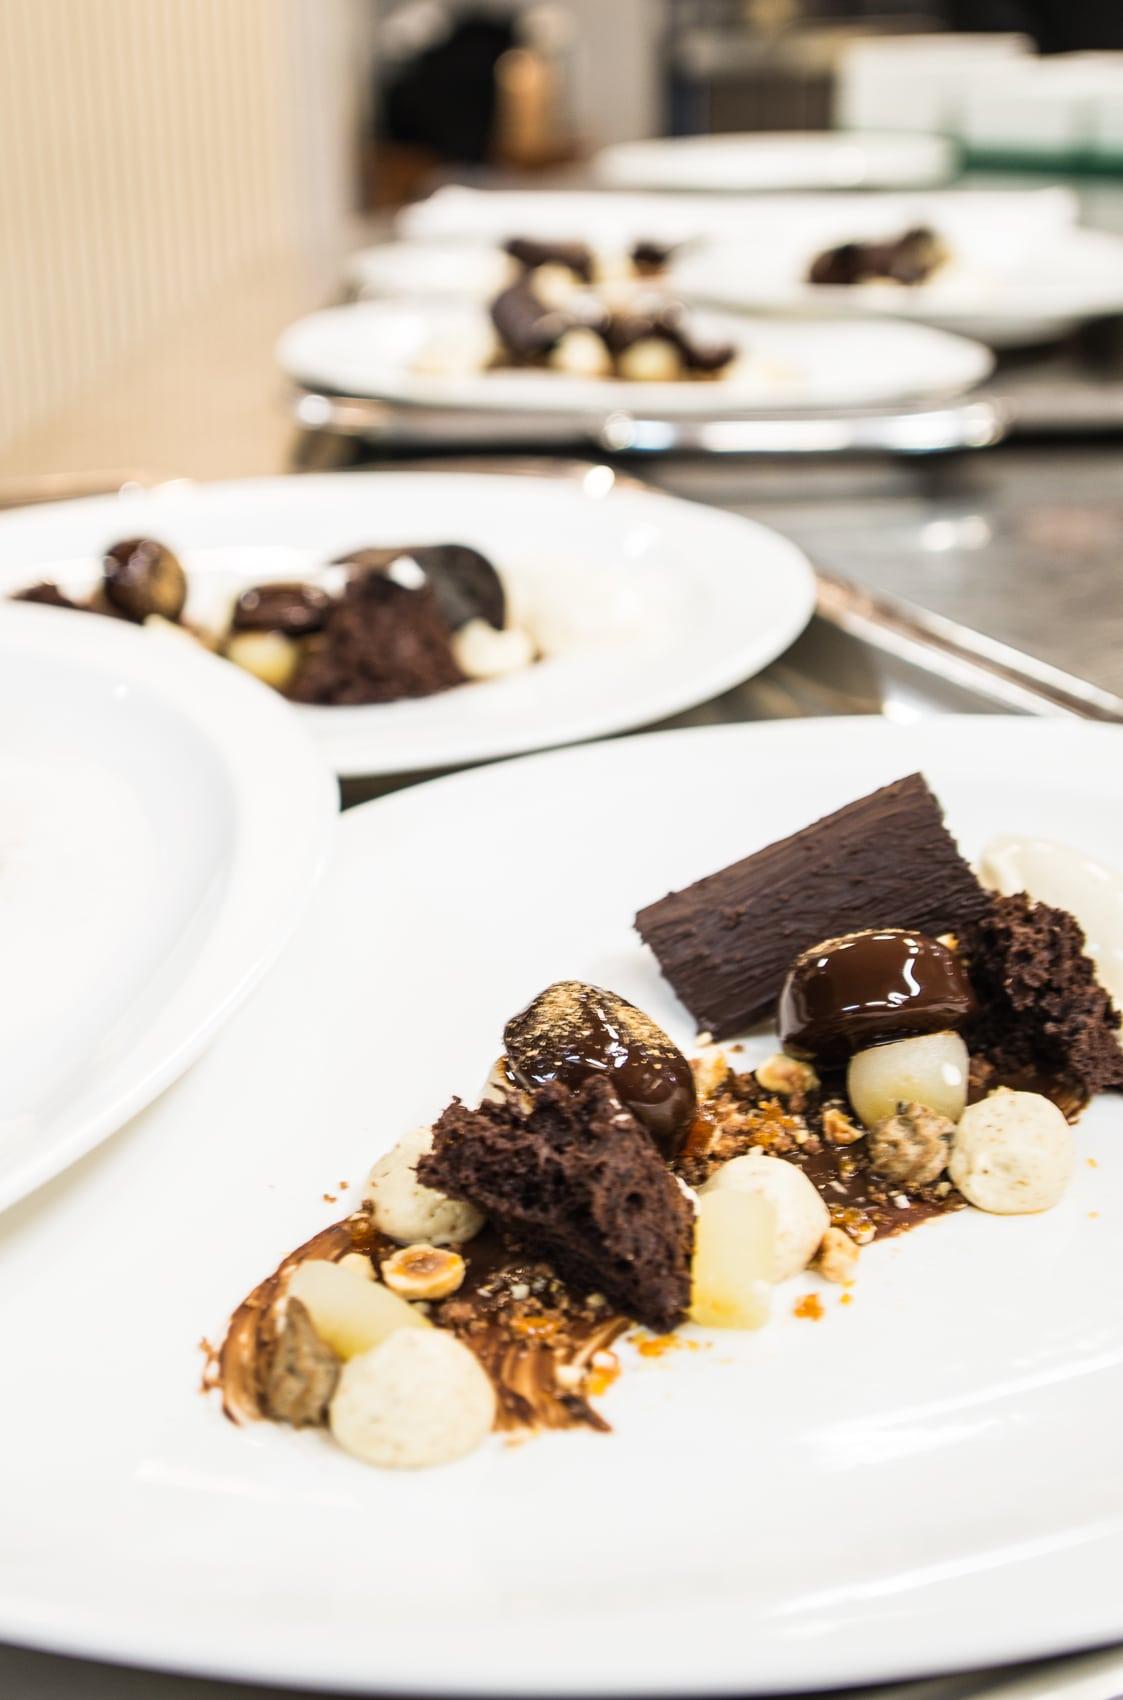 Ecole hoteliere le castel dijon clement bonvalot 27 - Cours de cuisine dijon ...